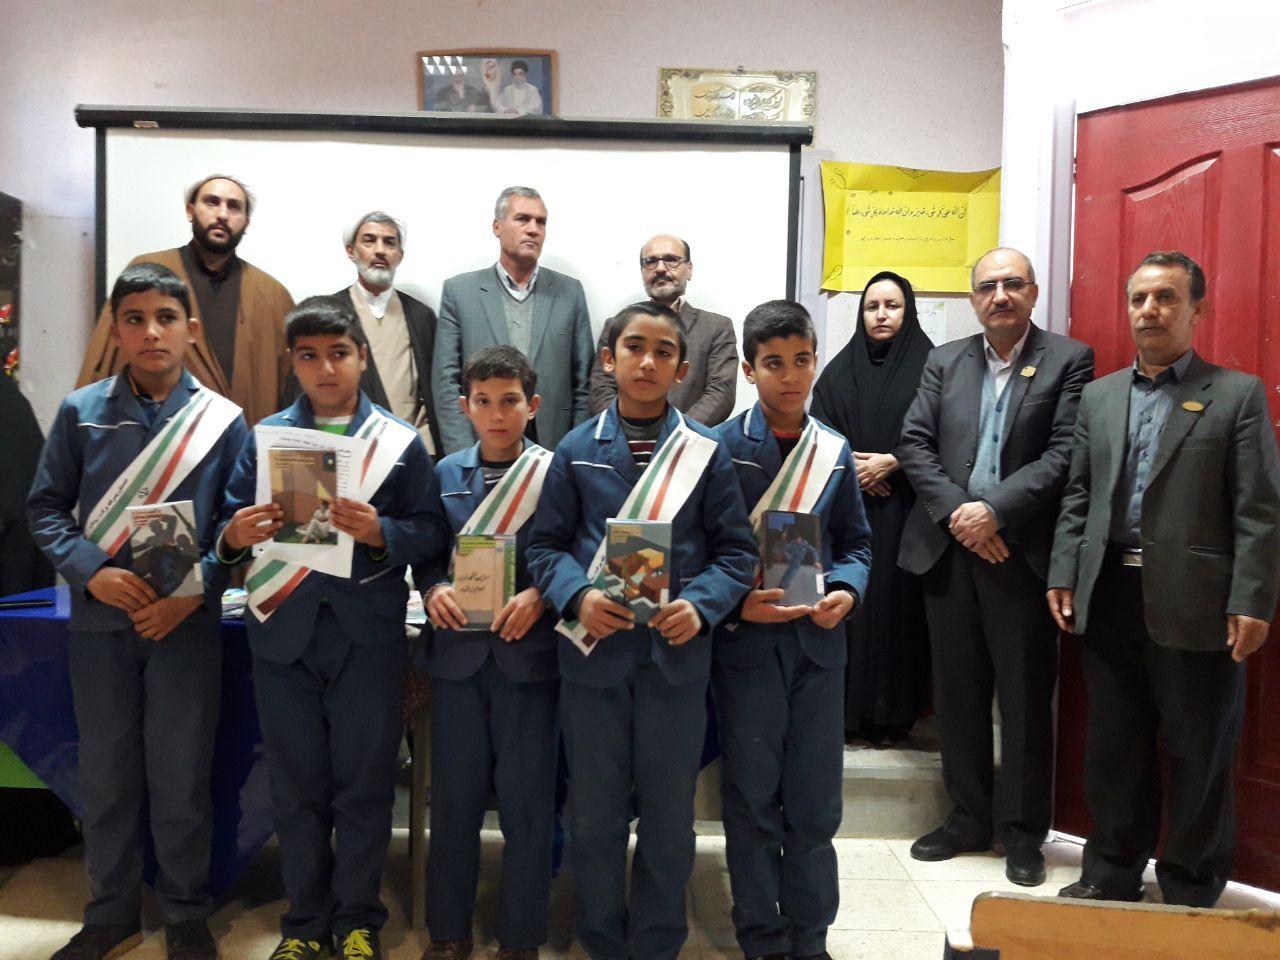 برگزاری نشست کتابخوان مدرسه ای در مدرسه ابتدایی پسرانه برکت روداب سبزوار